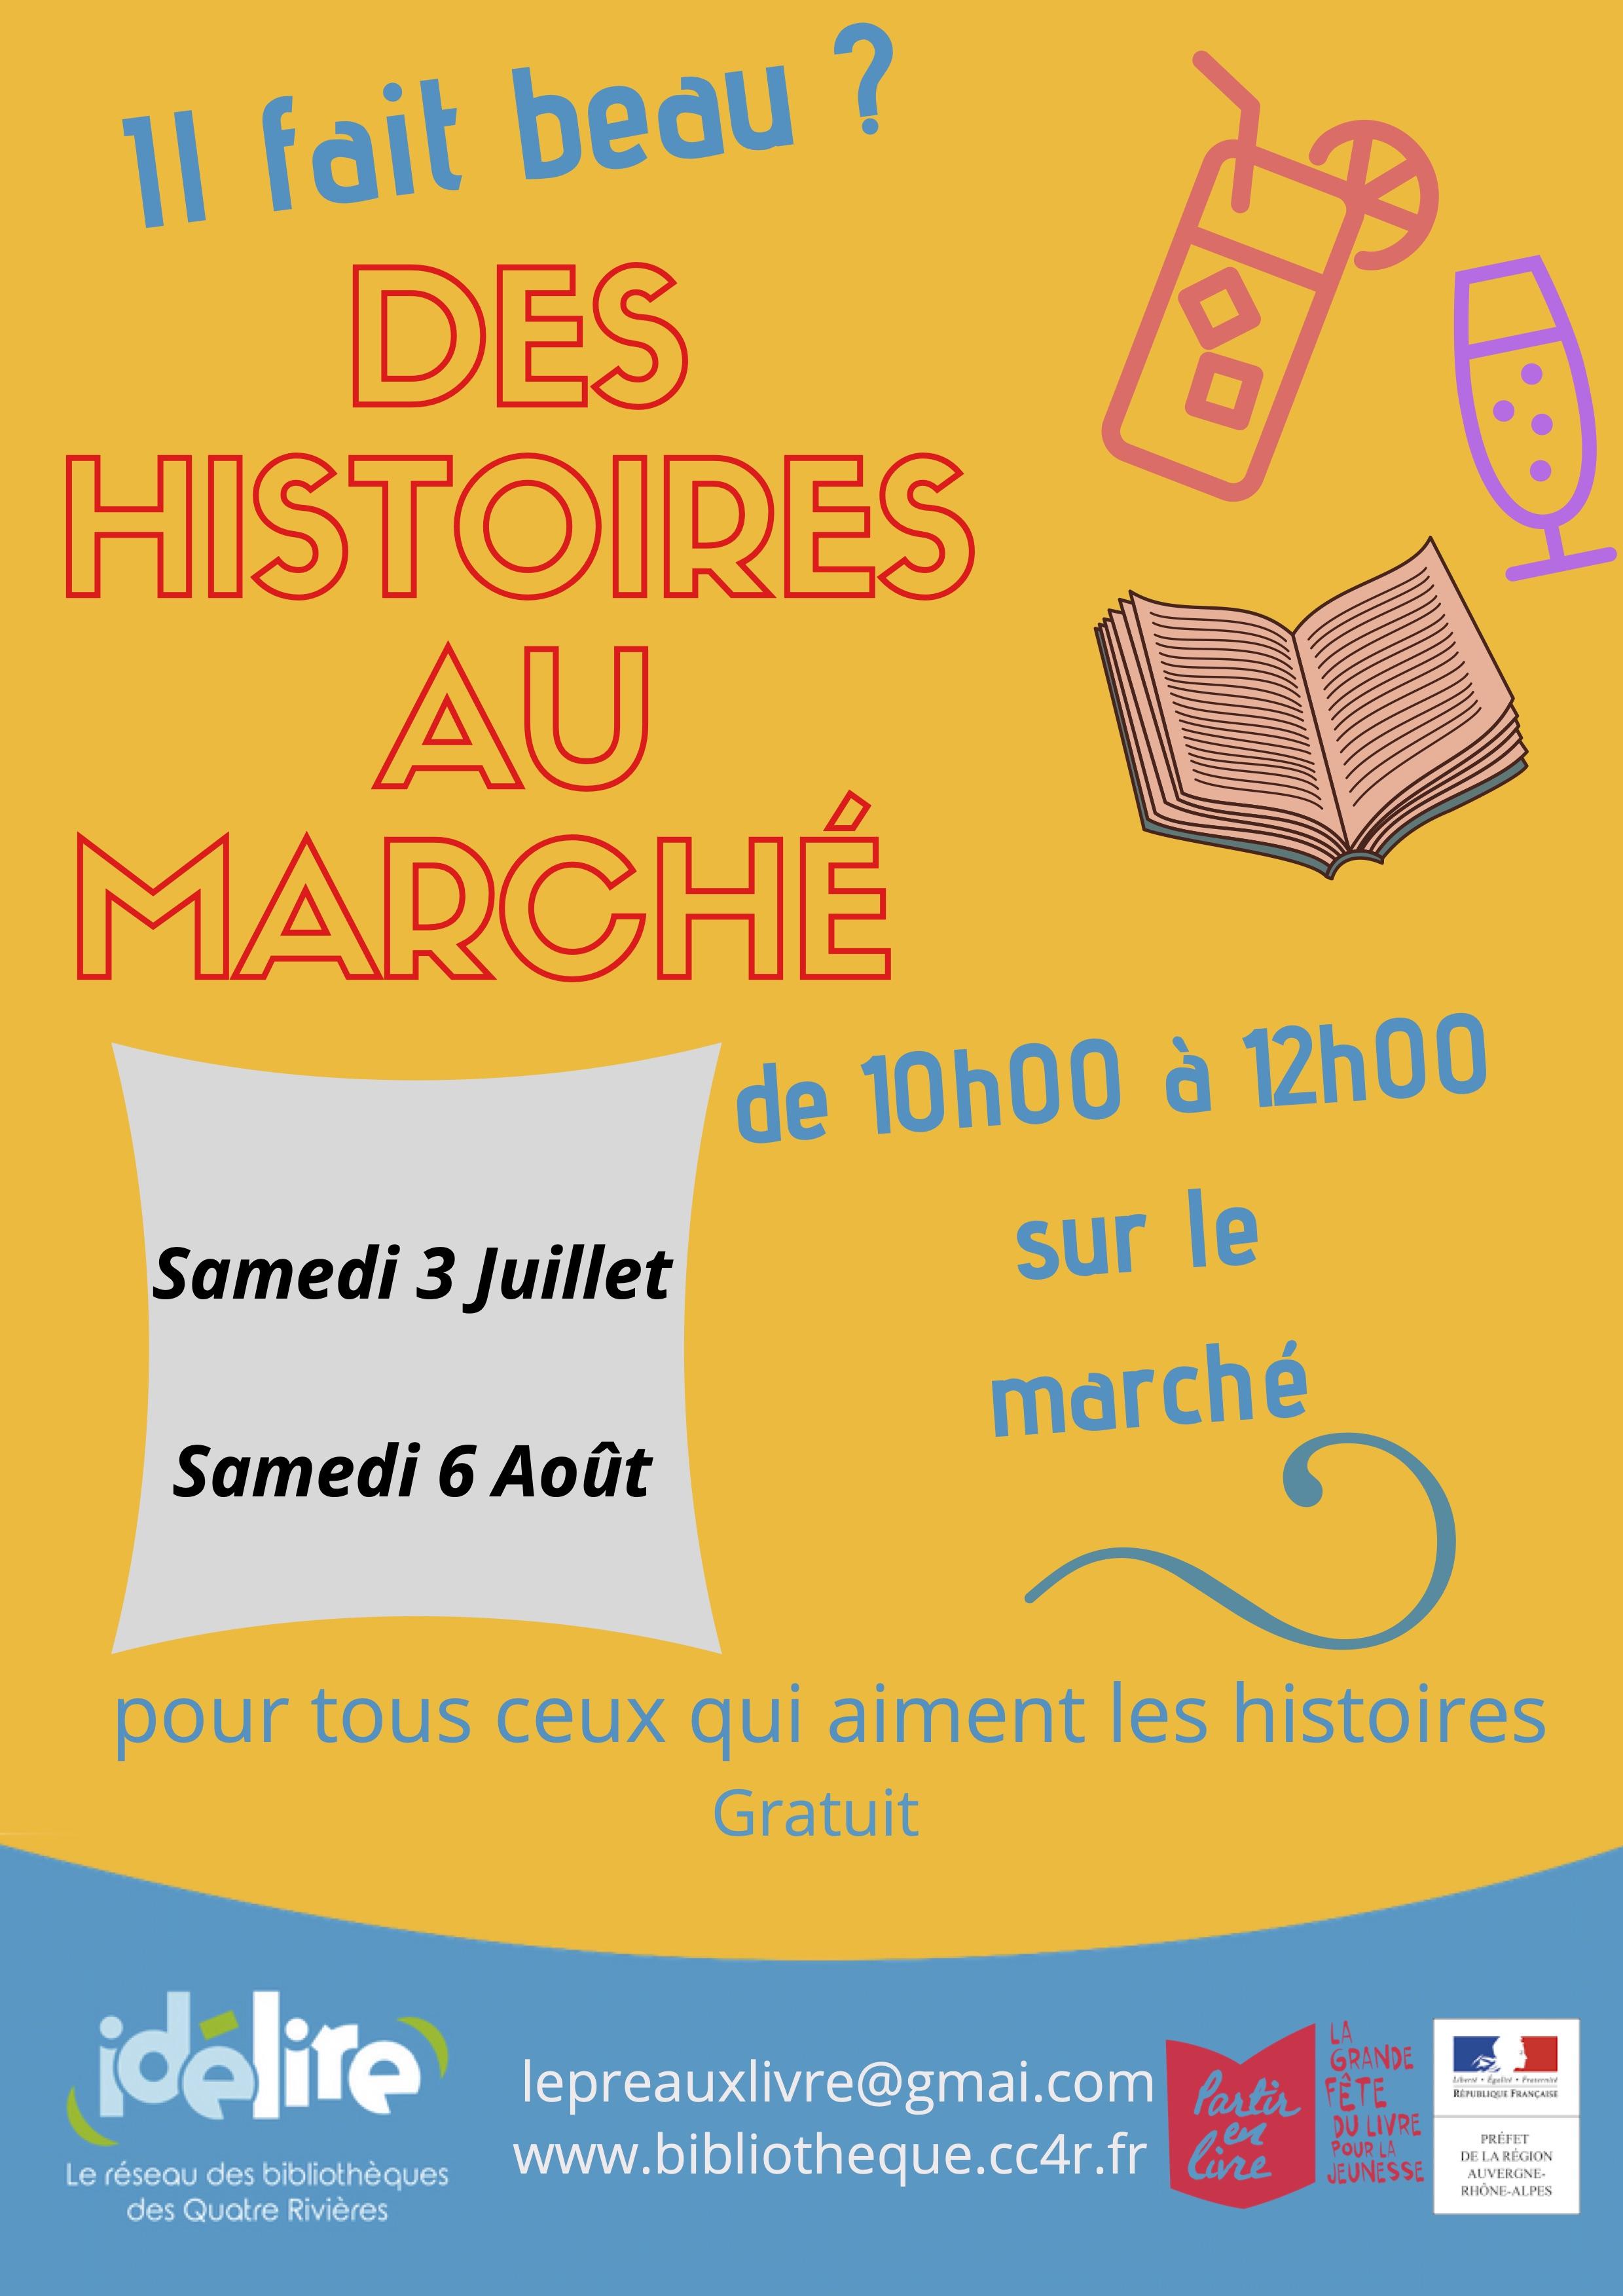 des_histoires_au_marche_saint_jean_de_tholome.jpg